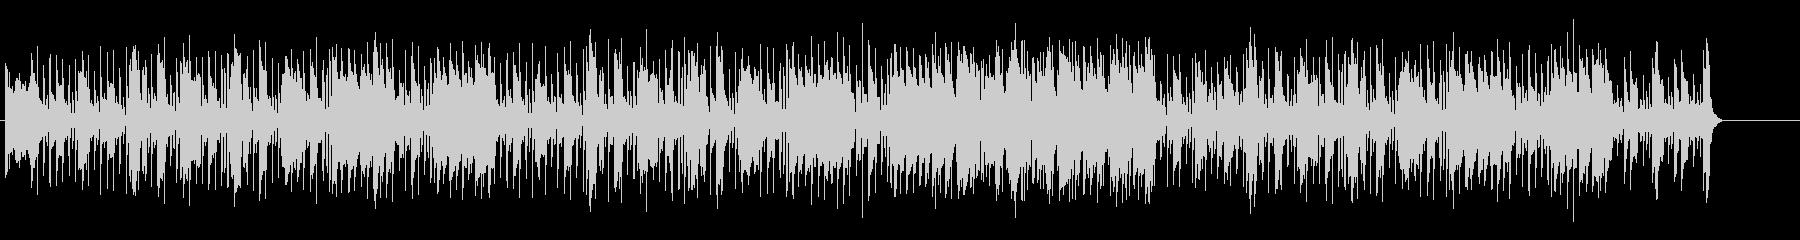 ファンキーミュージックの未再生の波形